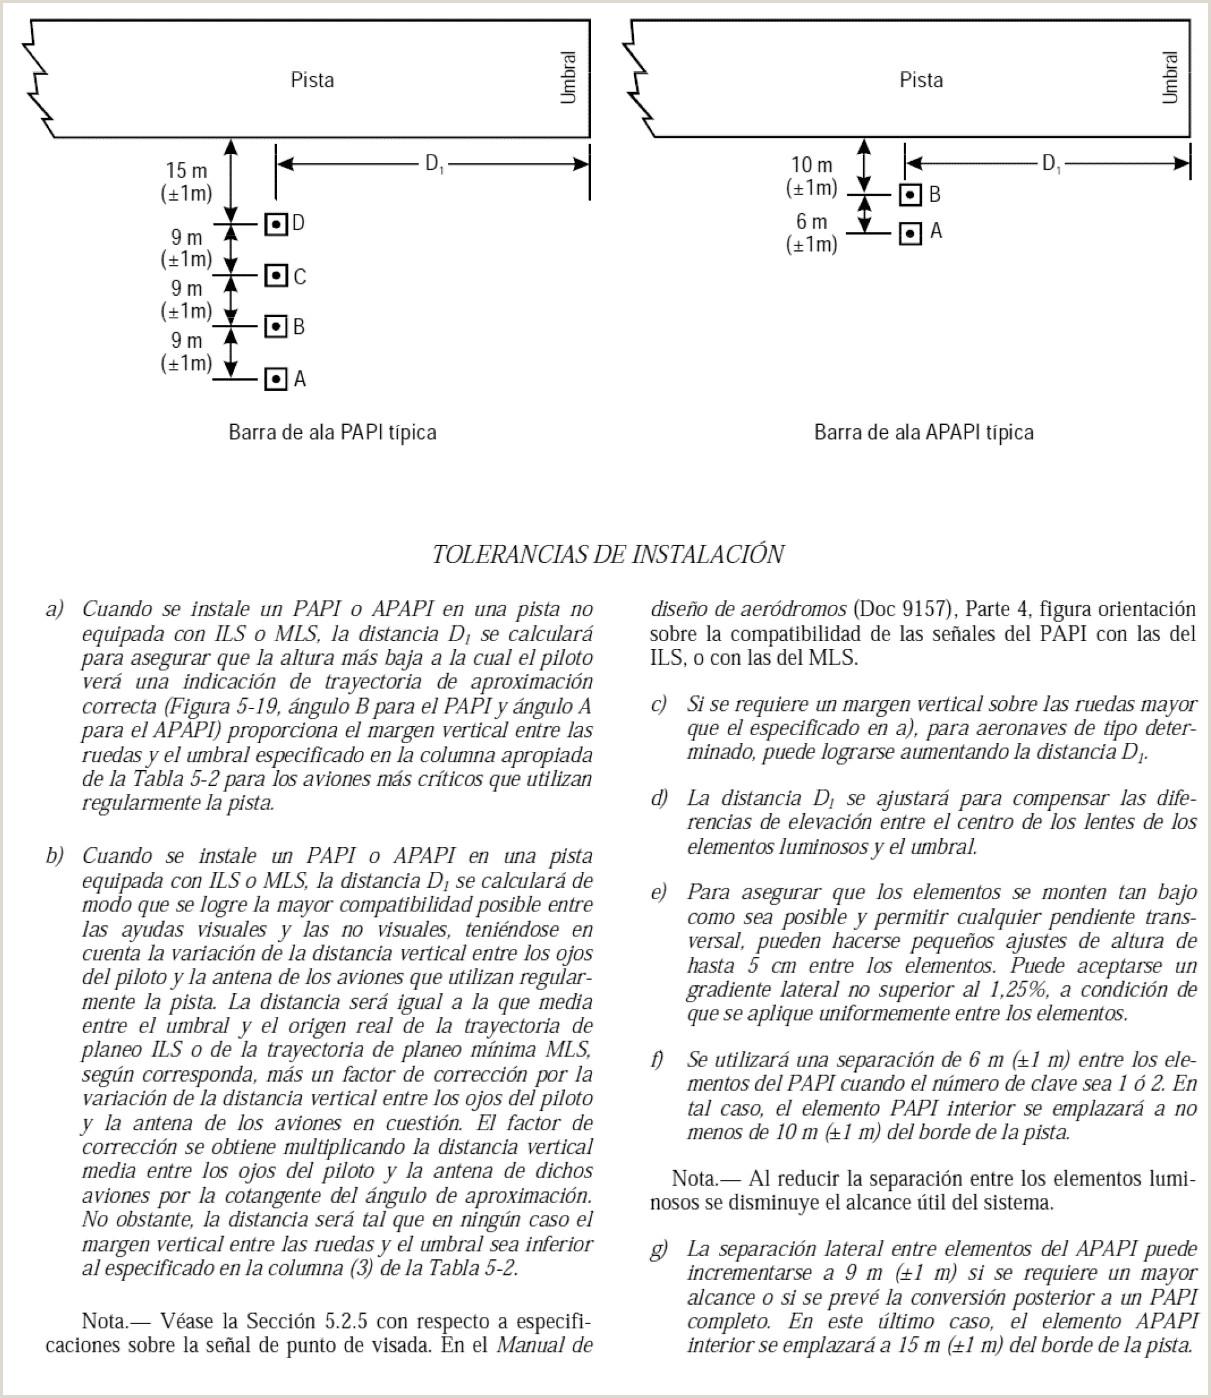 BOE Documento consolidado BOE A 2009 9043